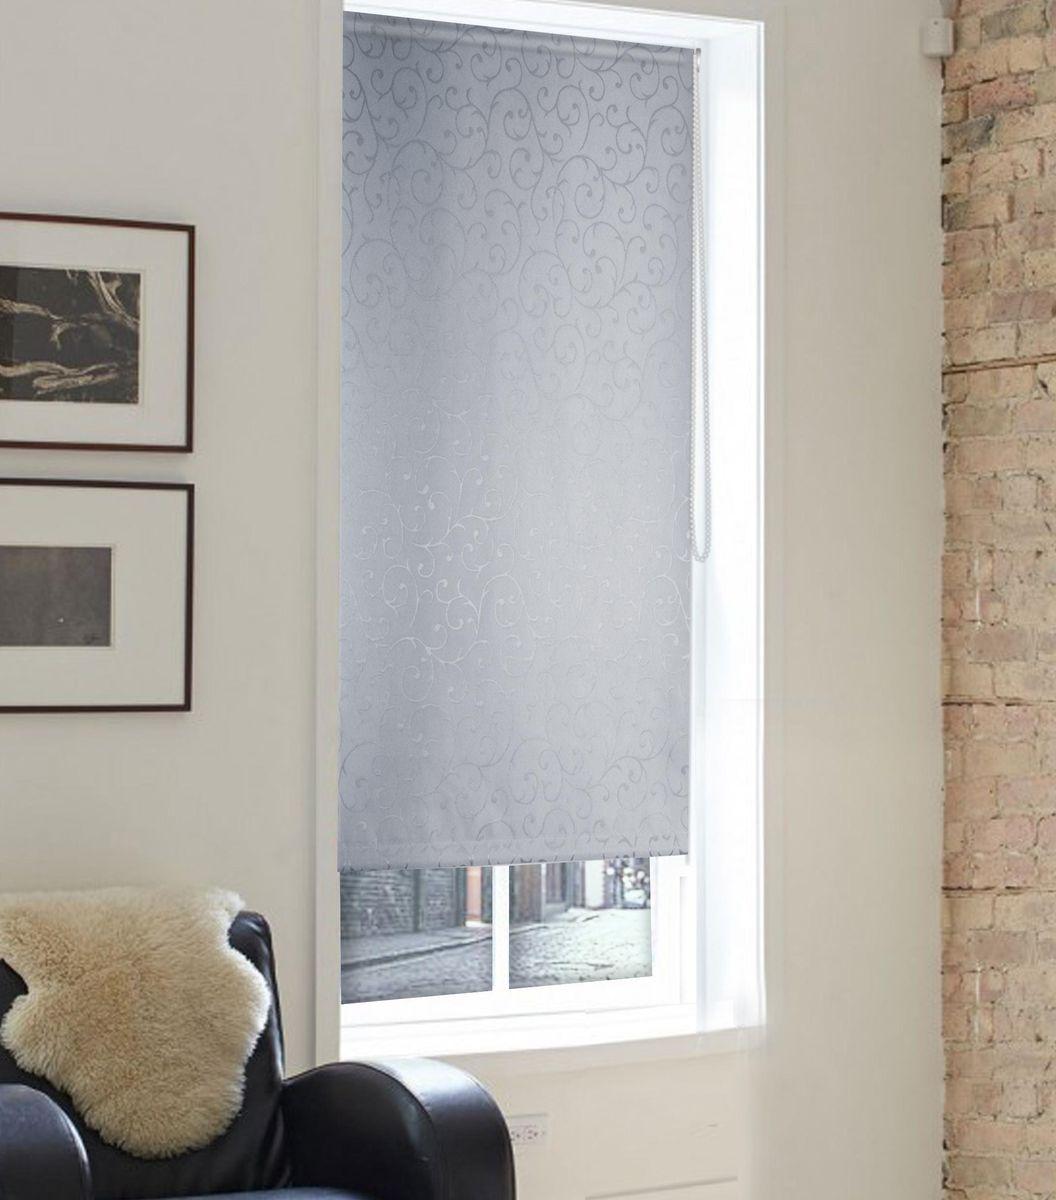 Штора рулонная Эскар Агат, цвет: серый, ширина 80 см, высота 160 см87022080160Рулонными шторами можно оформлять окна как самостоятельно, так и использовать в комбинации с портьерами. Это поможет предотвратить выгорание дорогой ткани на солнце и соединит функционал рулонных с красотой навесных. Преимущества применения рулонных штор для пластиковых окон: - имеют прекрасный внешний вид: многообразие и фактурность материала изделия отлично смотрятся в любом интерьере; - многофункциональны: есть возможность подобрать шторы способные эффективно защитить комнату от солнца, при этом она не будет слишком темной. - Есть возможность осуществить быстрый монтаж. ВНИМАНИЕ! Размеры ширины изделия указаны по ширине ткани! Во время эксплуатации не рекомендуется полностью разматывать рулон, чтобы не оторвать ткань от намоточного вала. В случае загрязнения поверхности ткани, чистку шторы проводят одним из способов, в зависимости от типа загрязнения: легкое поверхностное загрязнение можно удалить при помощи канцелярского ластика; чистка от пыли производится сухим методом при...